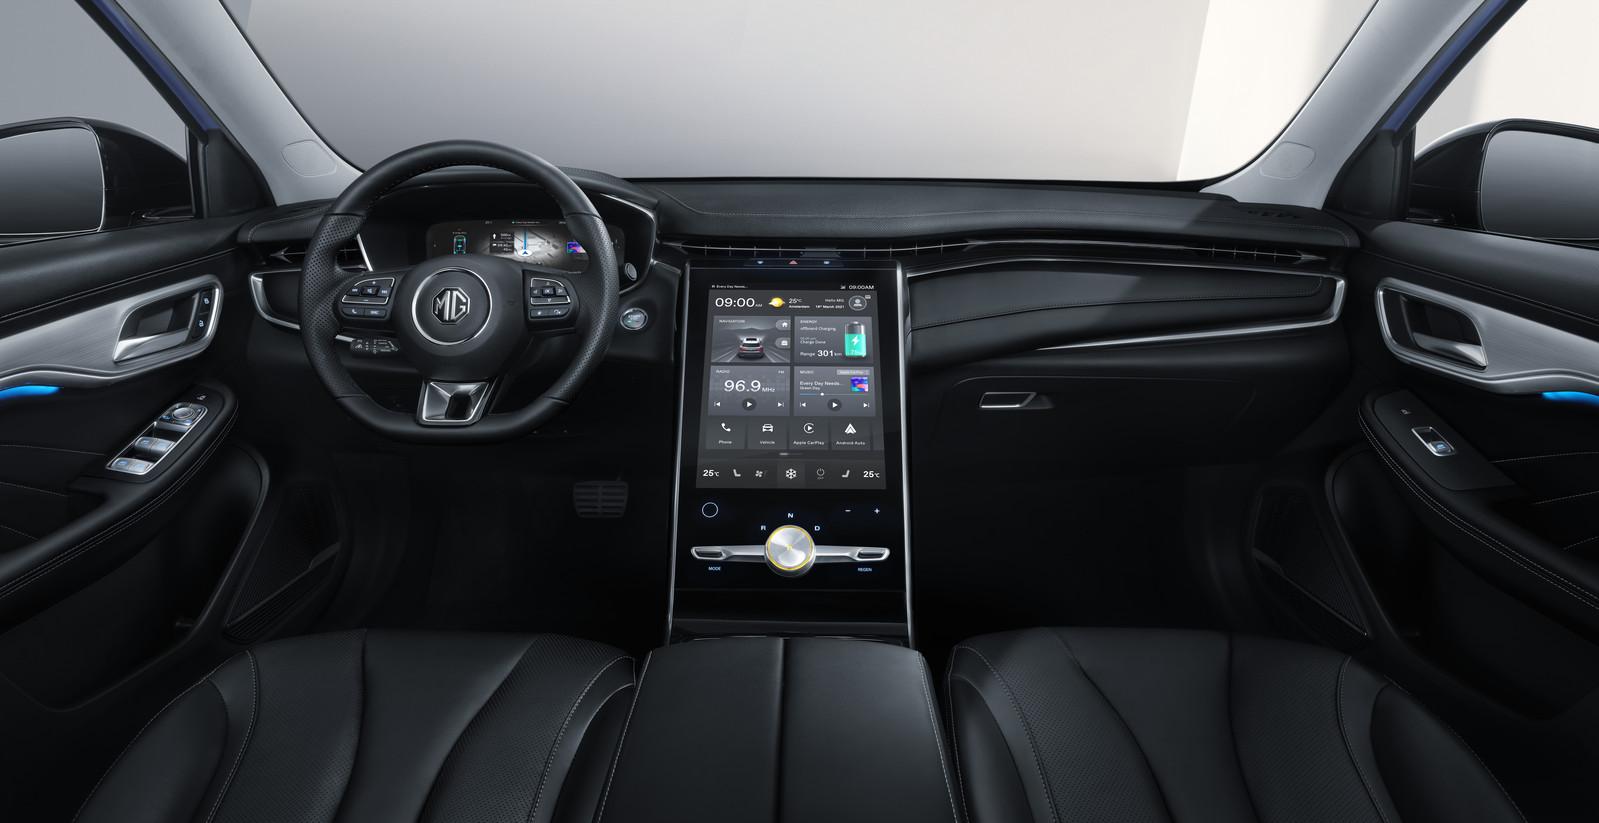 Het interieur van de MG Marvel R, met een enorm aanraakscherm dat zo uit een Tesla Model S lijkt te komen.